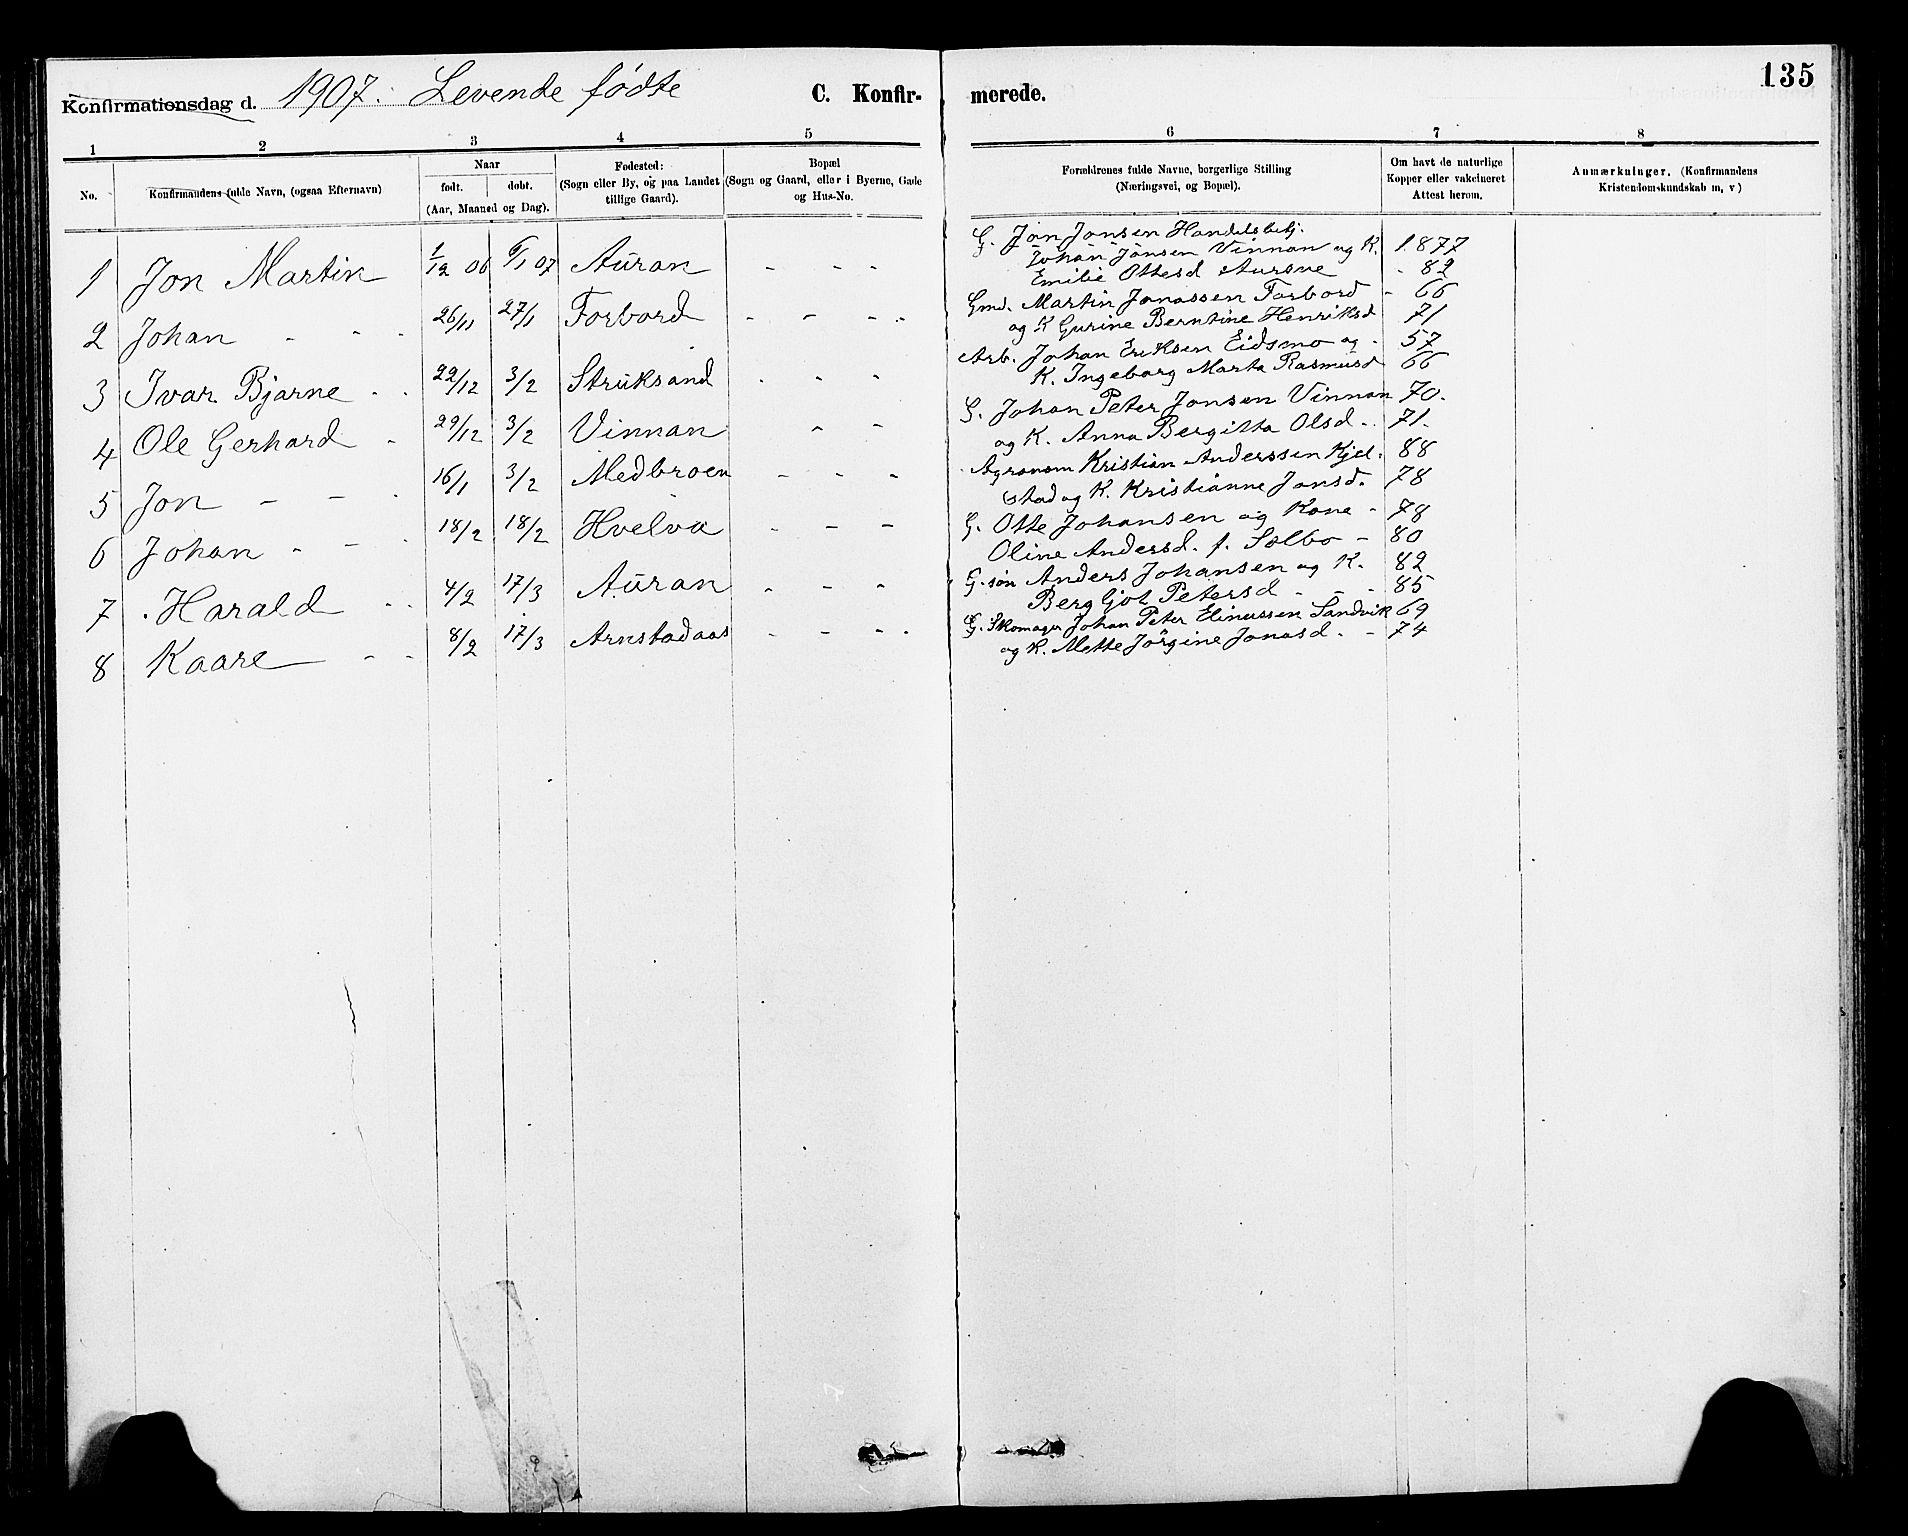 SAT, Ministerialprotokoller, klokkerbøker og fødselsregistre - Nord-Trøndelag, 712/L0103: Klokkerbok nr. 712C01, 1878-1917, s. 135